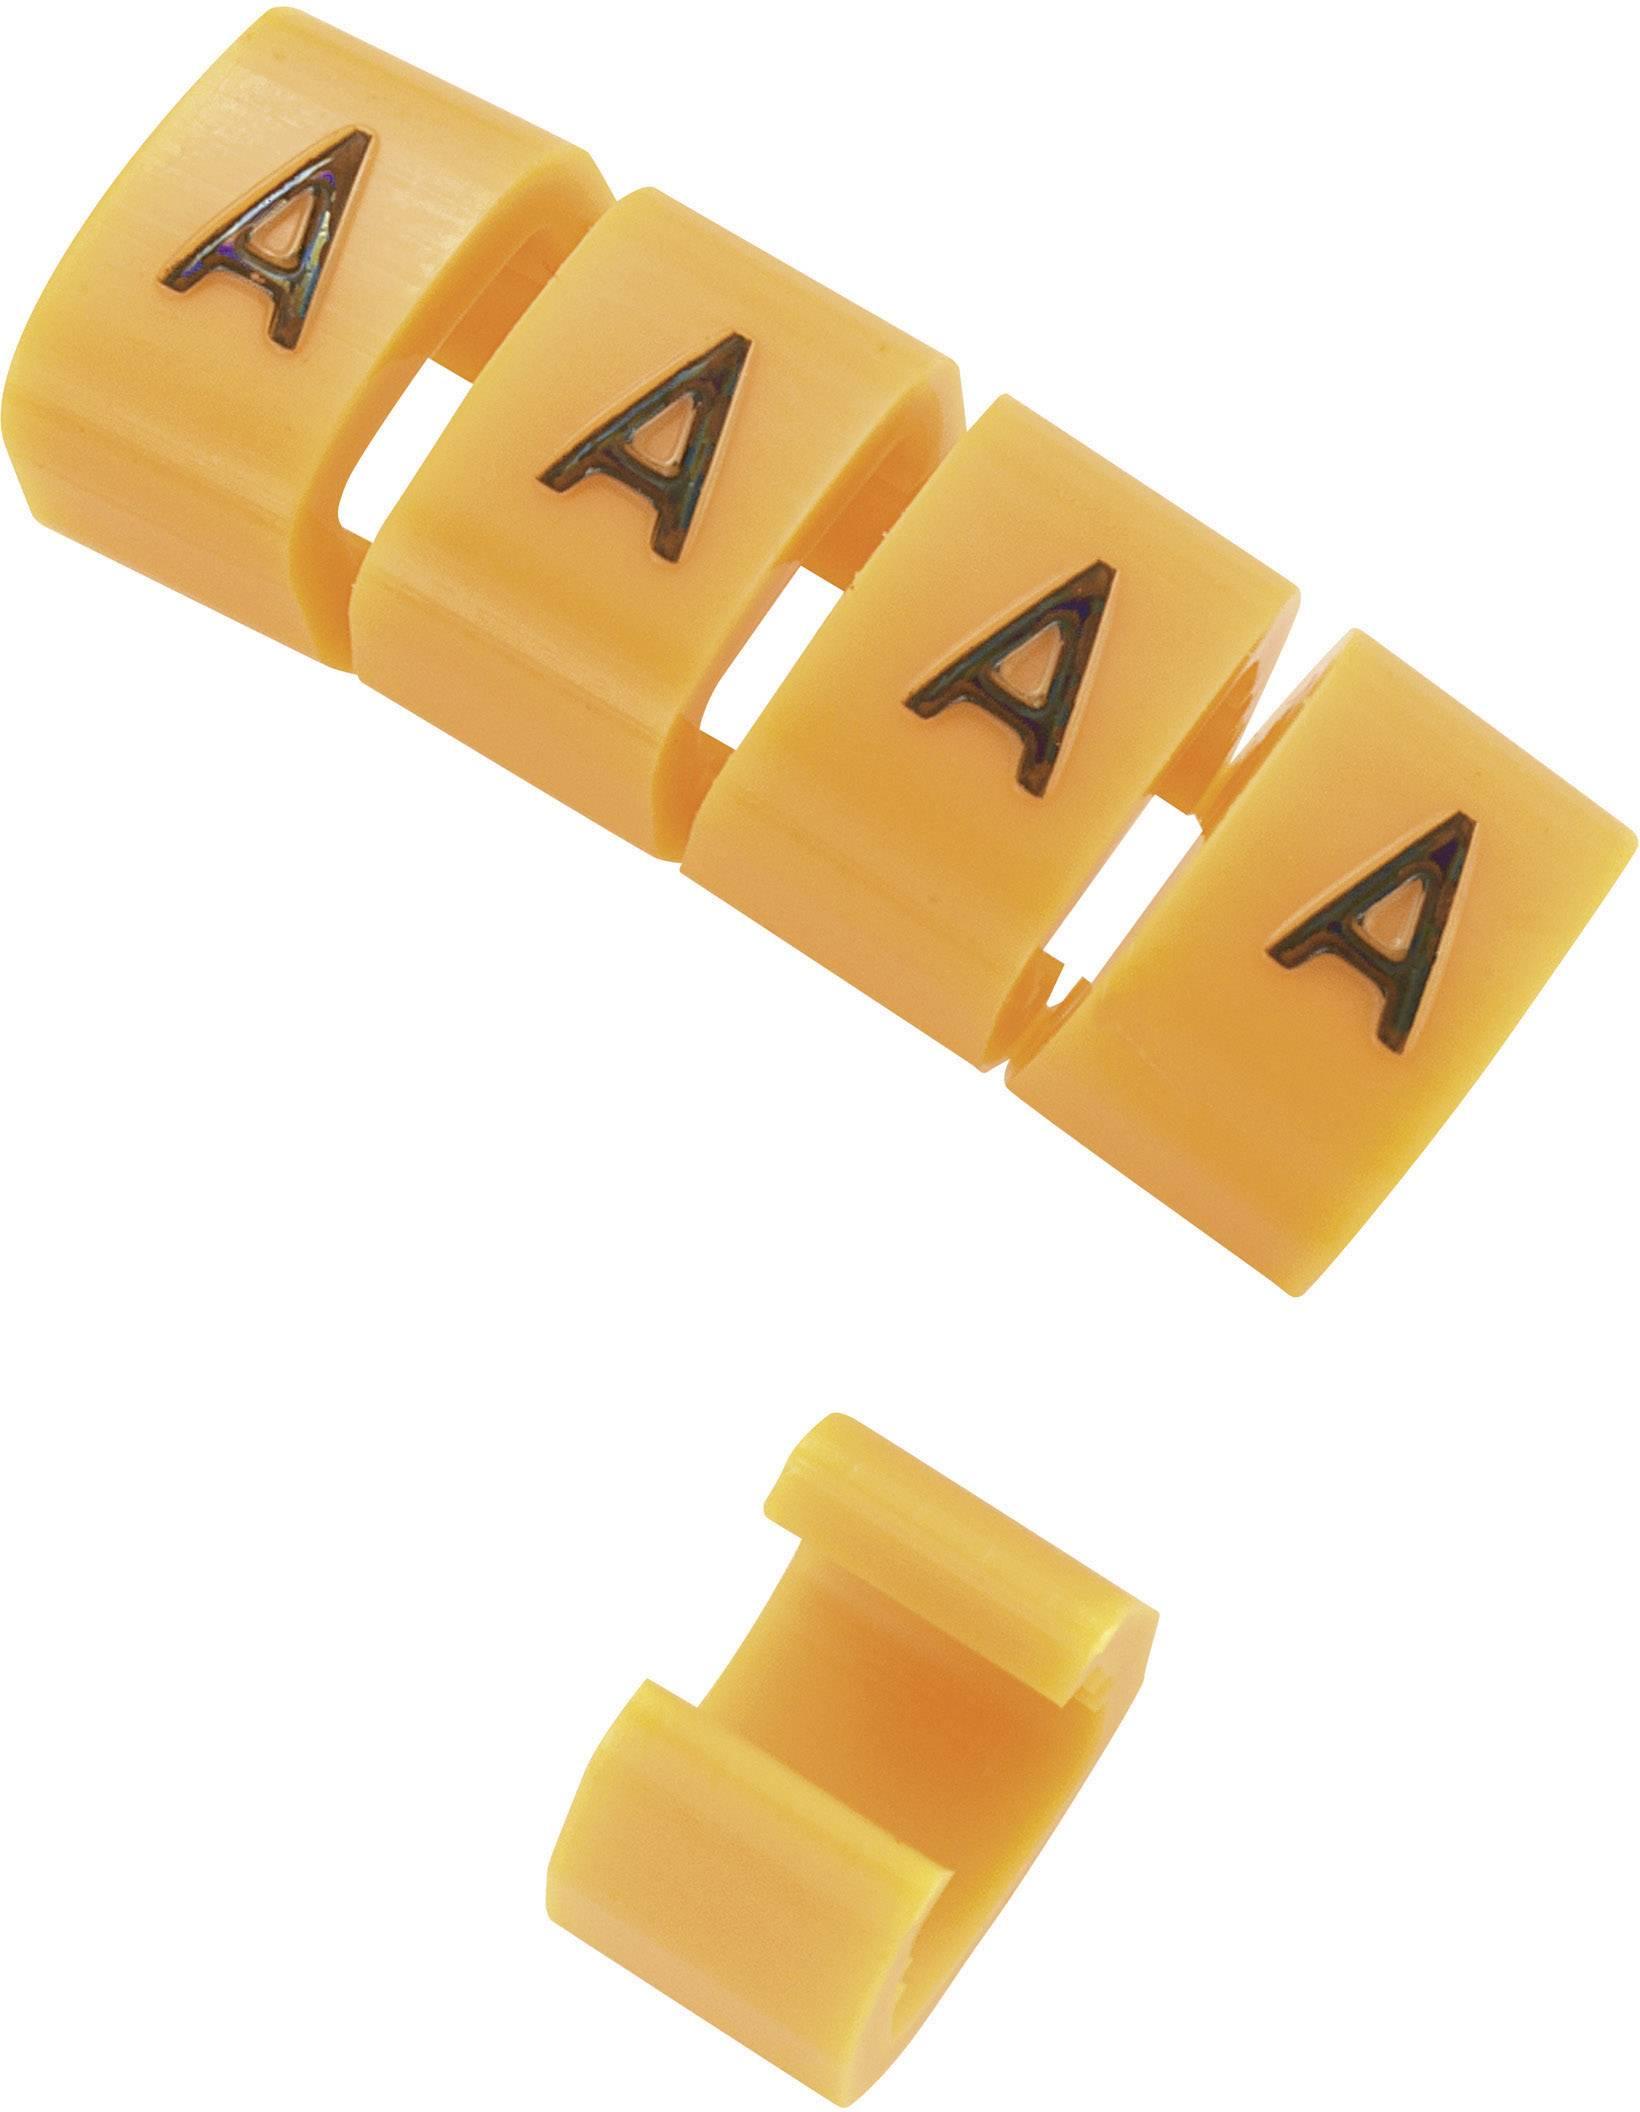 Označovacie objímka na káble KSS MB2/S, oranžová, 10 ks